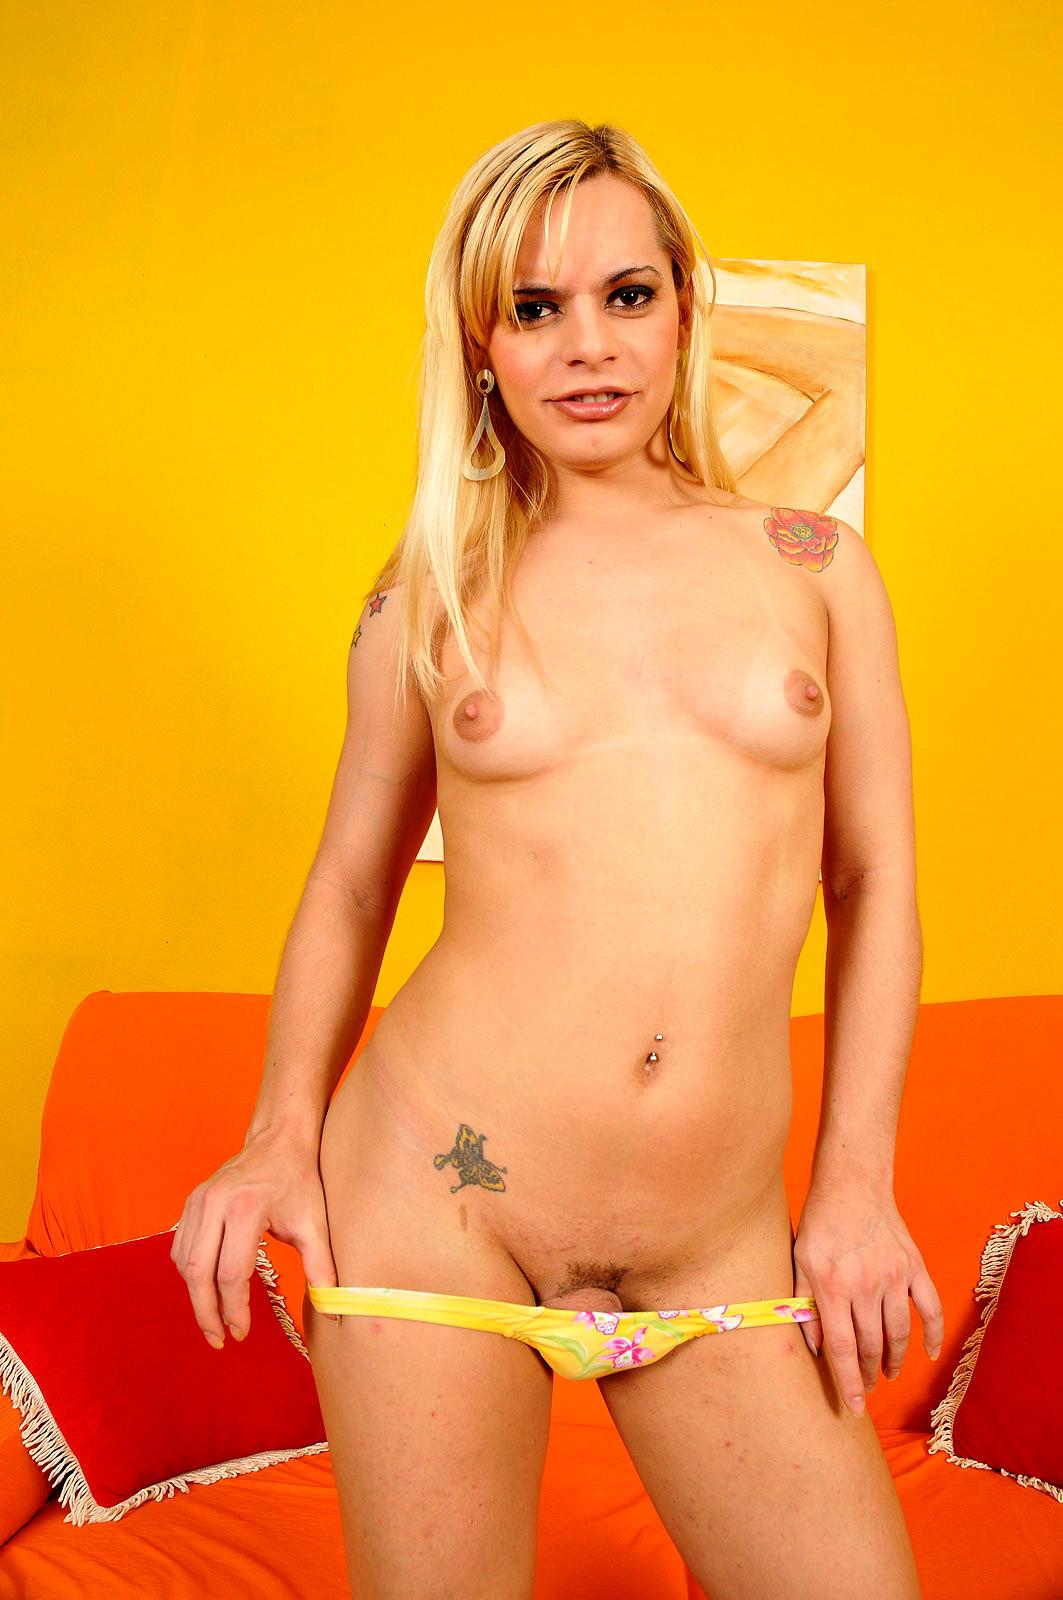 Kissable Blonde Femboy Thays Schiavinato Strips Down And Poses